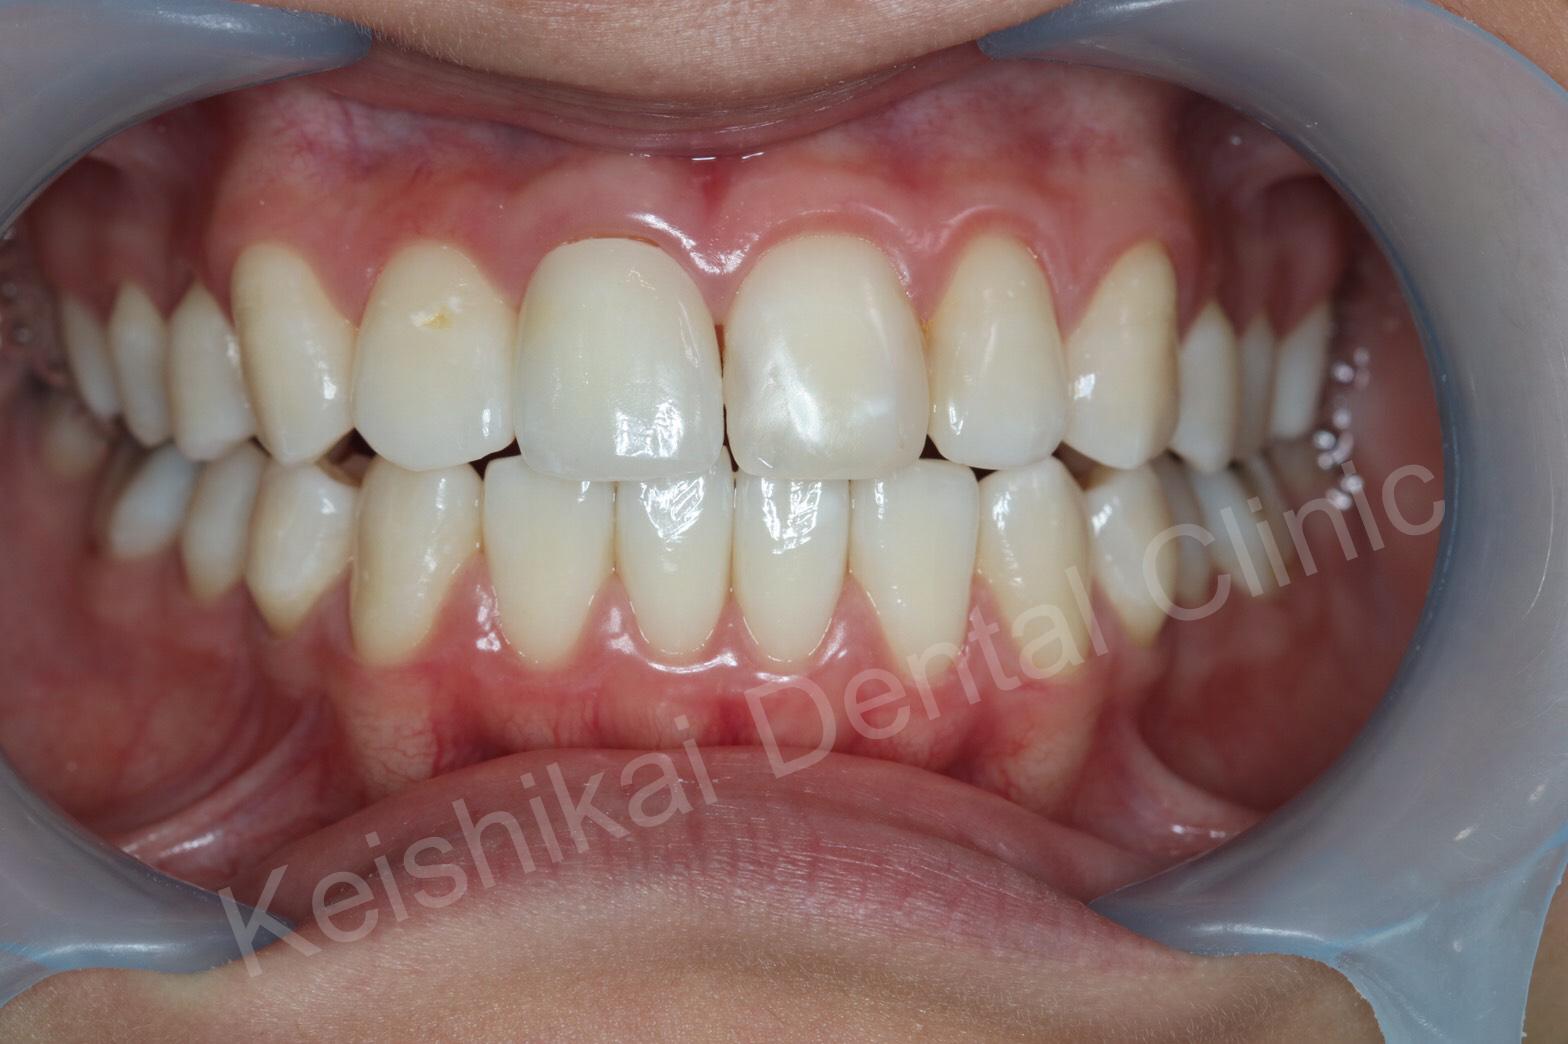 รักษารากฟันแล้วเปลี่ยนสี(Root canal treatment)ฟอกสีฟัน(bleaching)All ceramic crown (5)